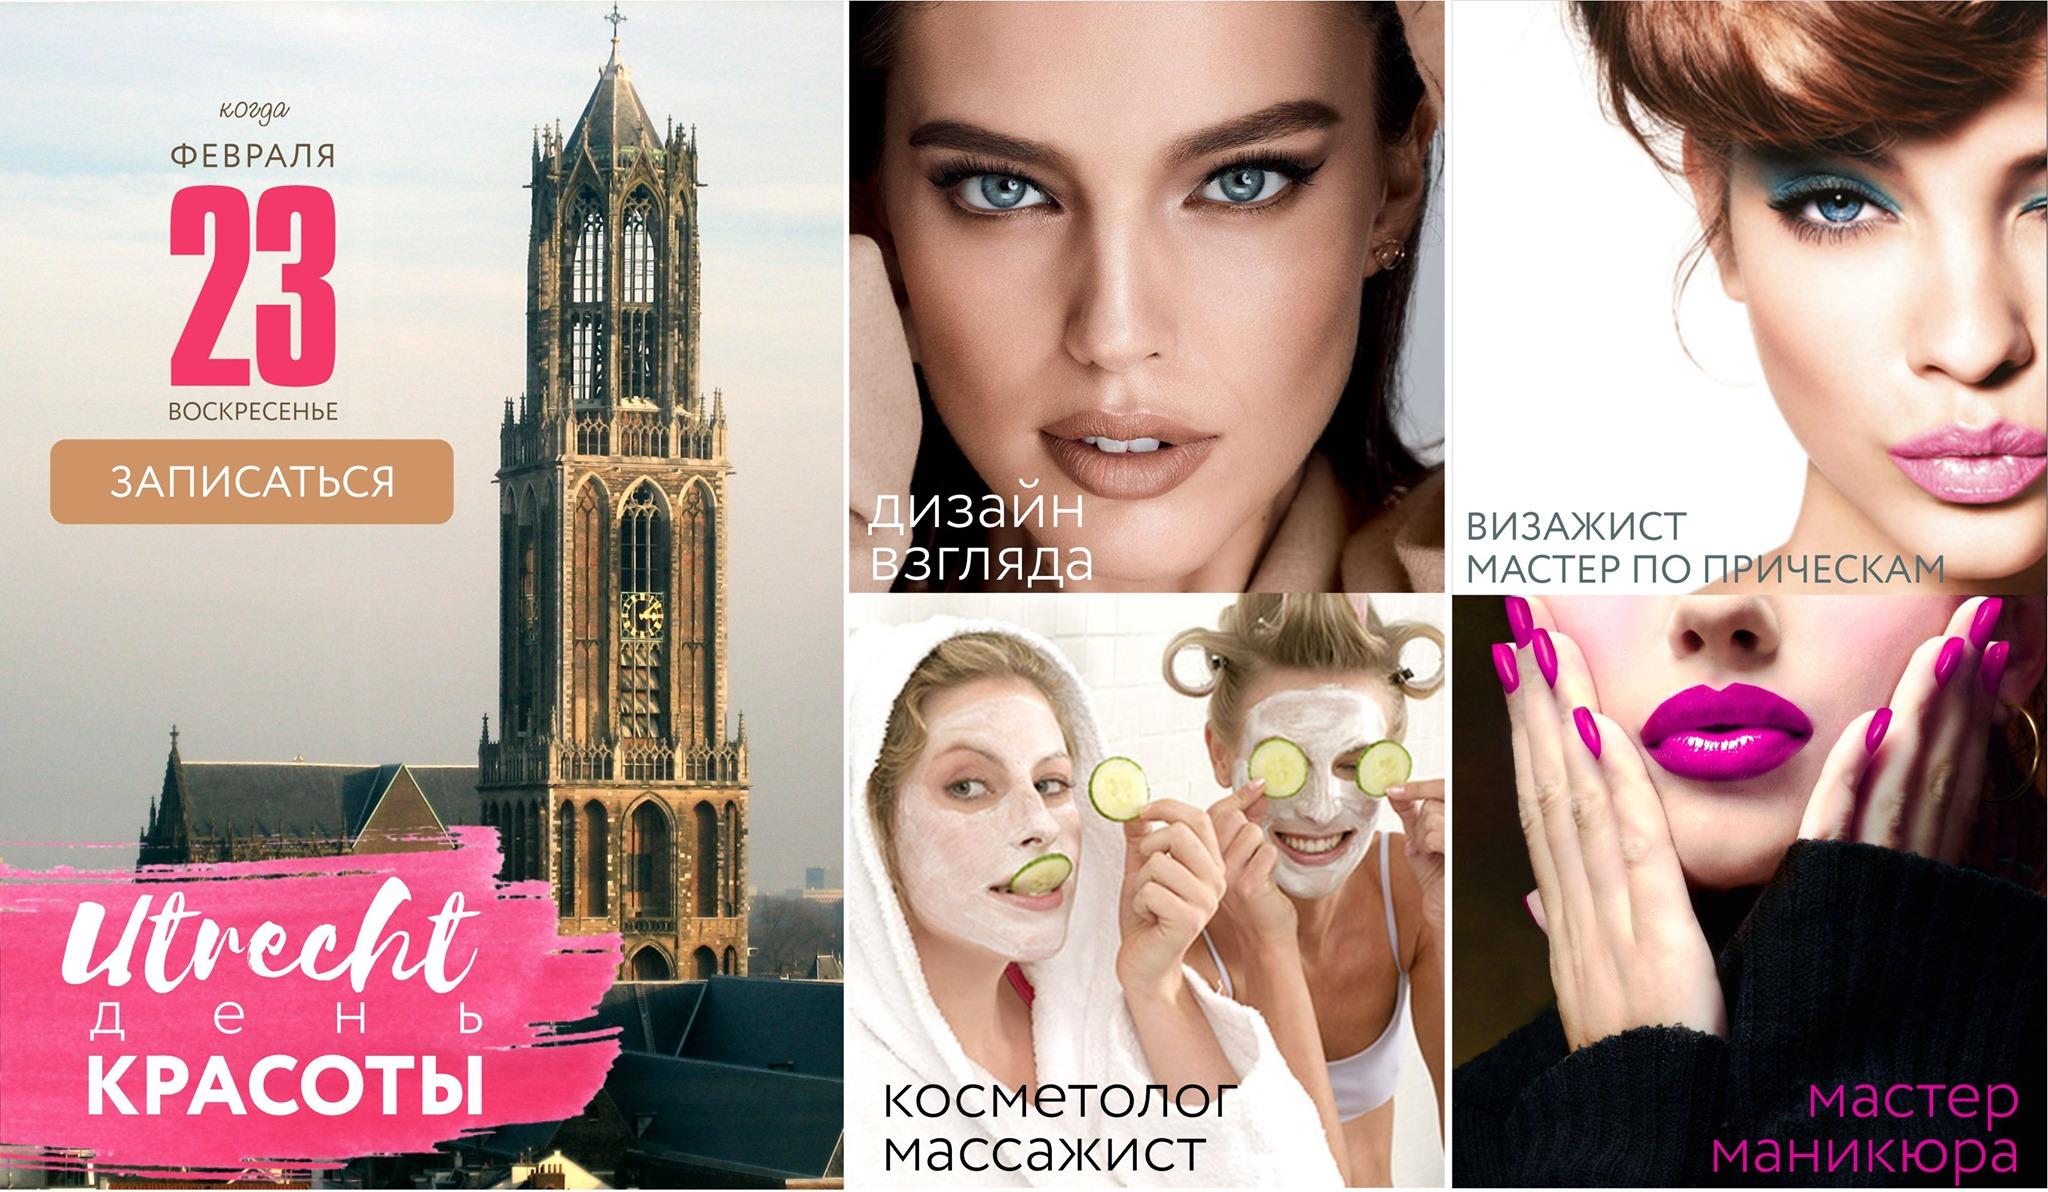 23 февраля – «День Красоты и Здоровья для русскоязычных девушек»